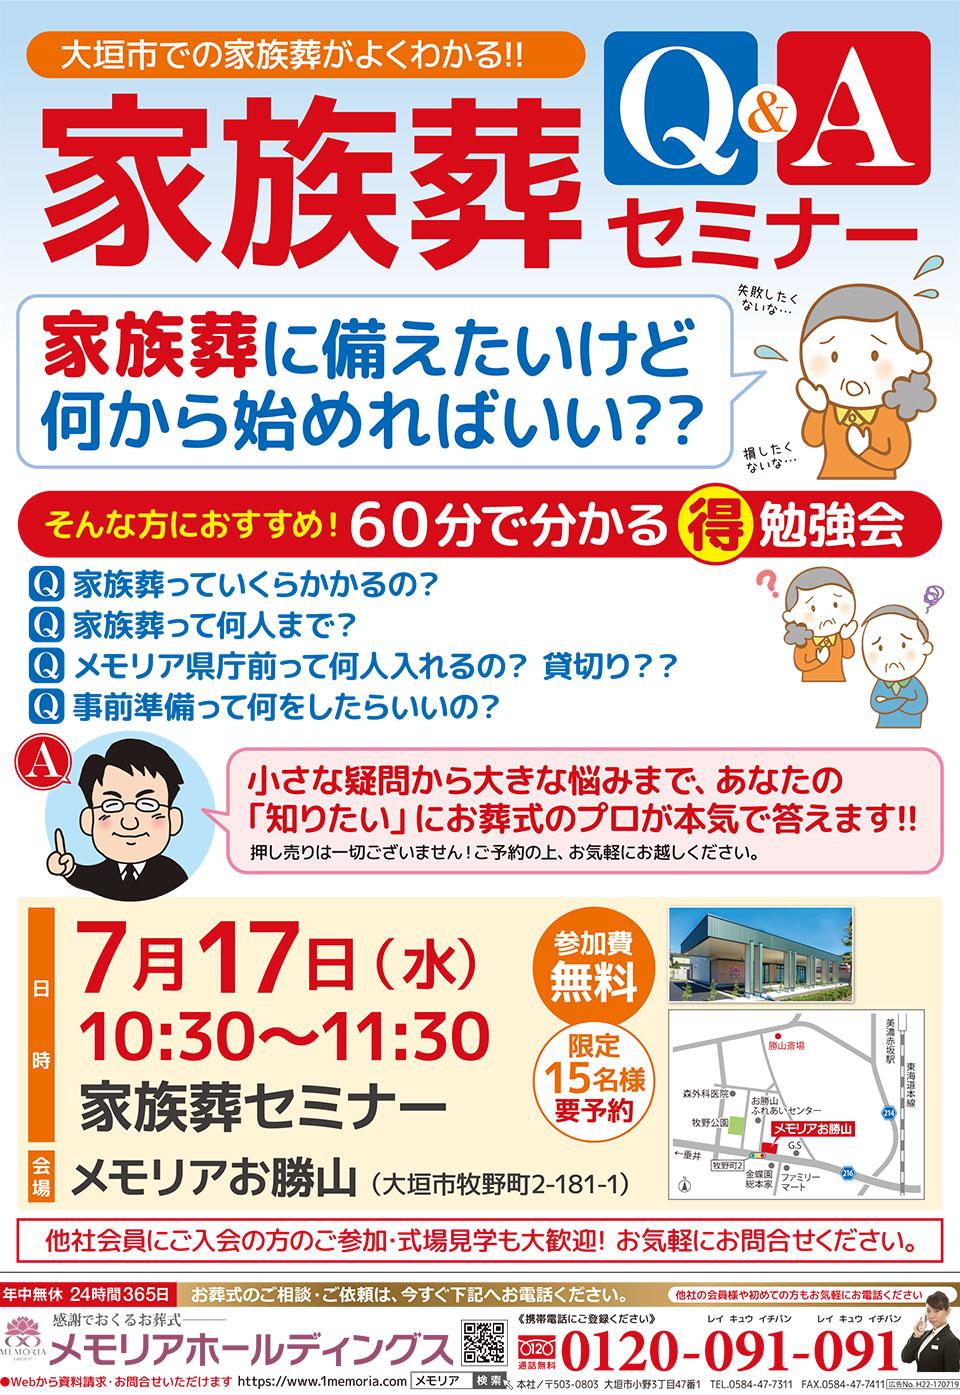 2019/7/17 家族葬の事が良く分かるセミナー メモリアお勝山